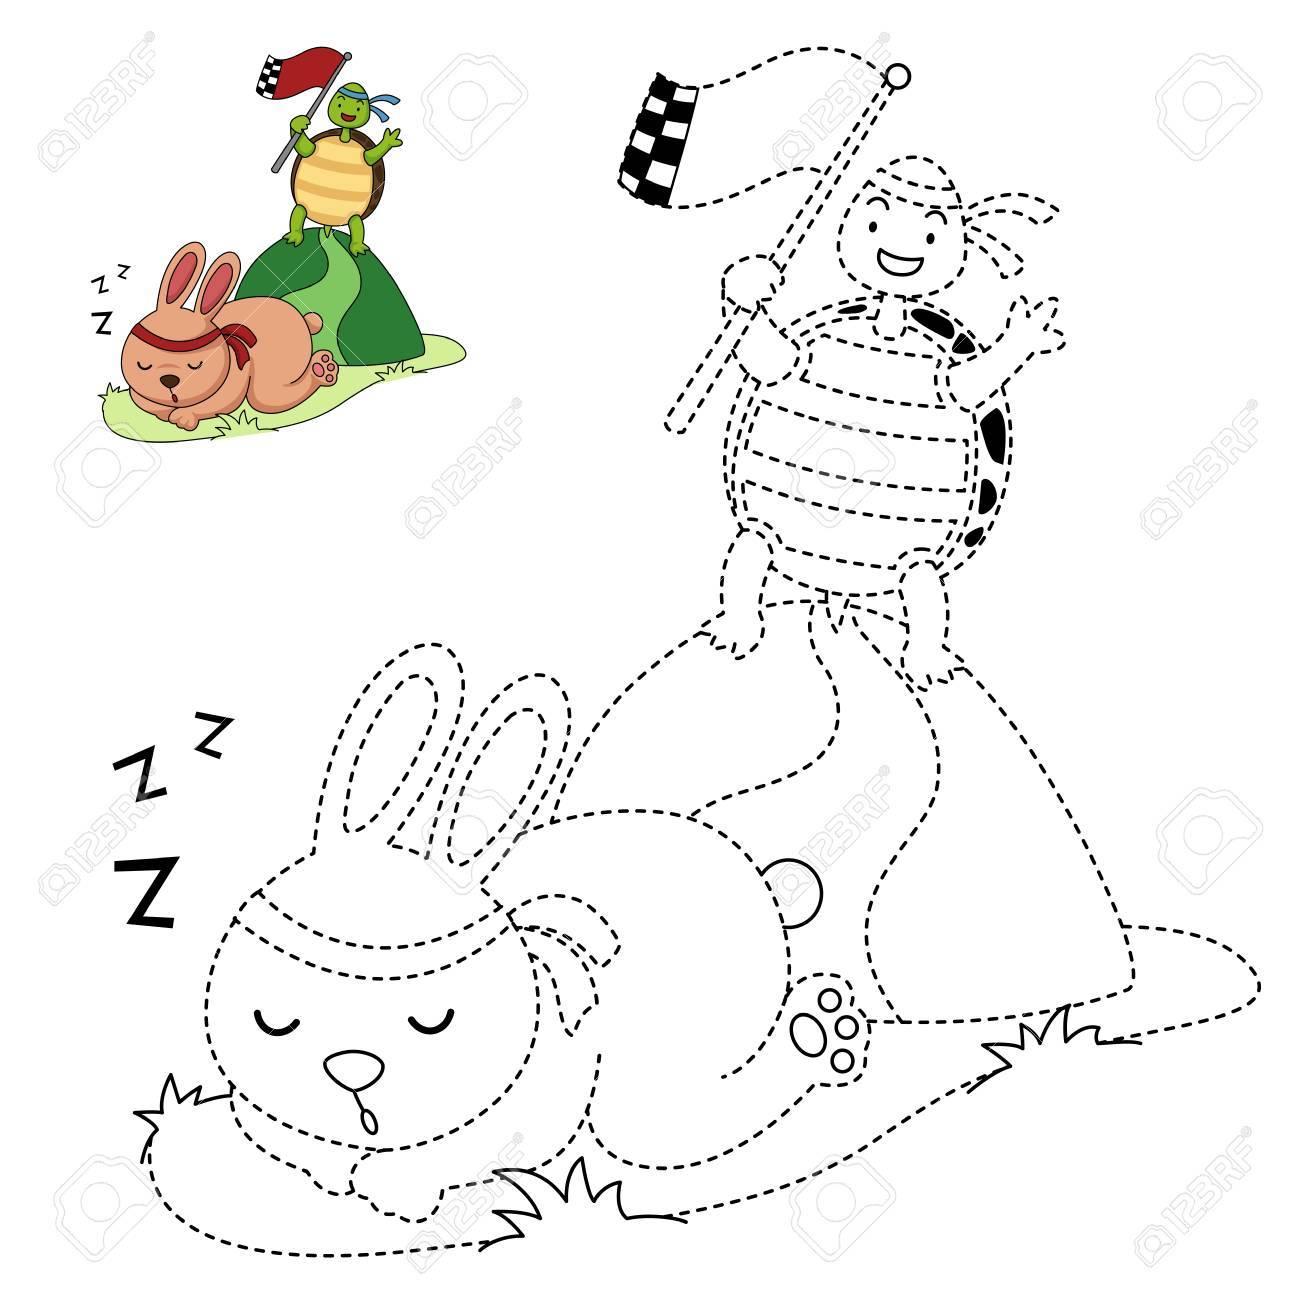 Illustration Von Lernspiel Für Kinder Und Malbuch Vektor-Schildkröte ...